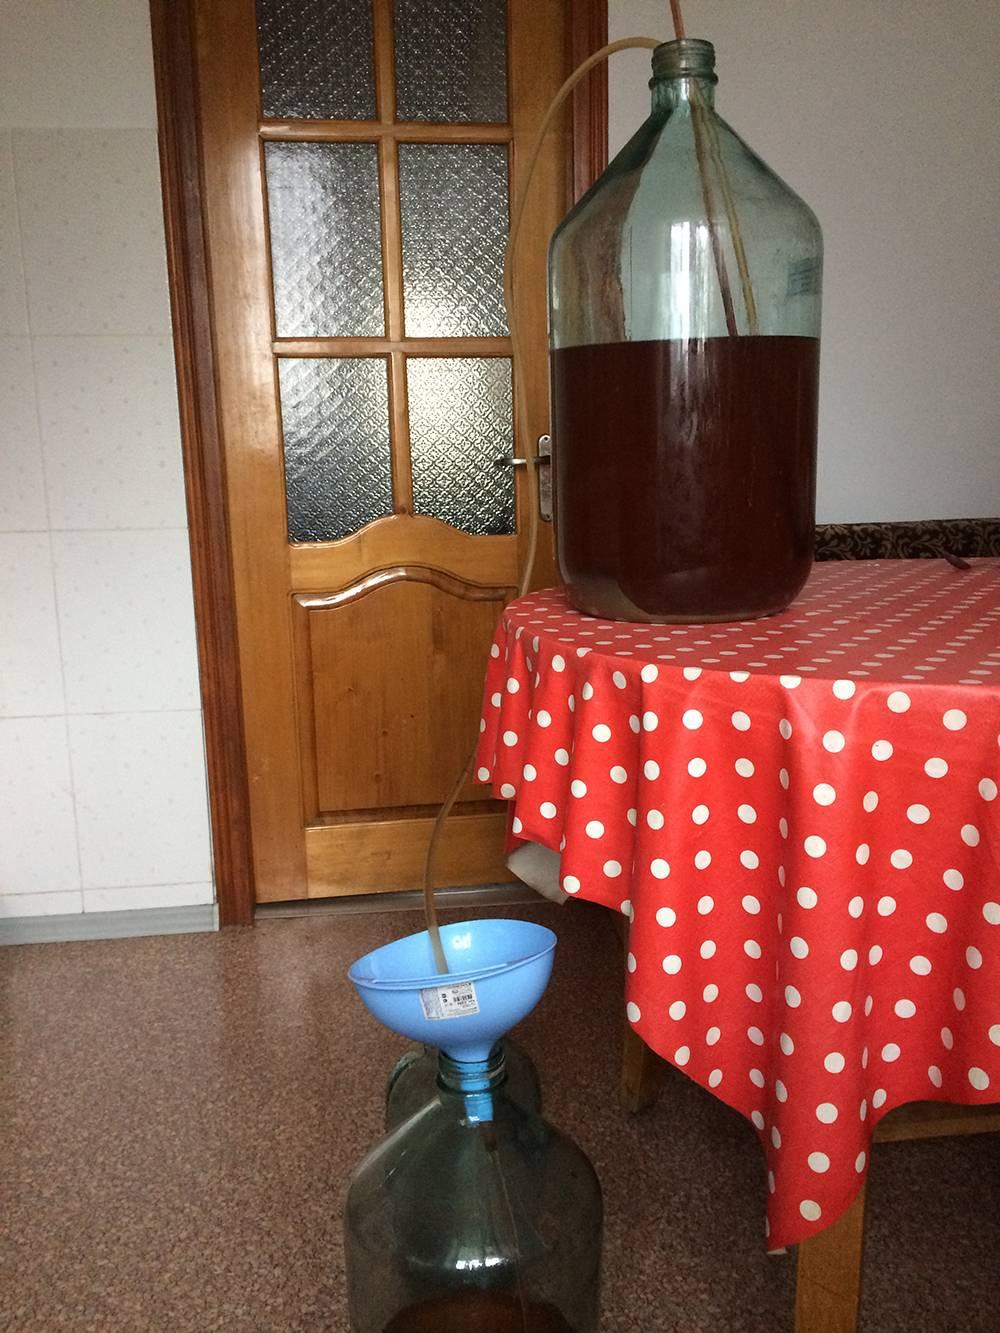 Вот такое приспособление позволяет перелить вино и не затронуть осадок